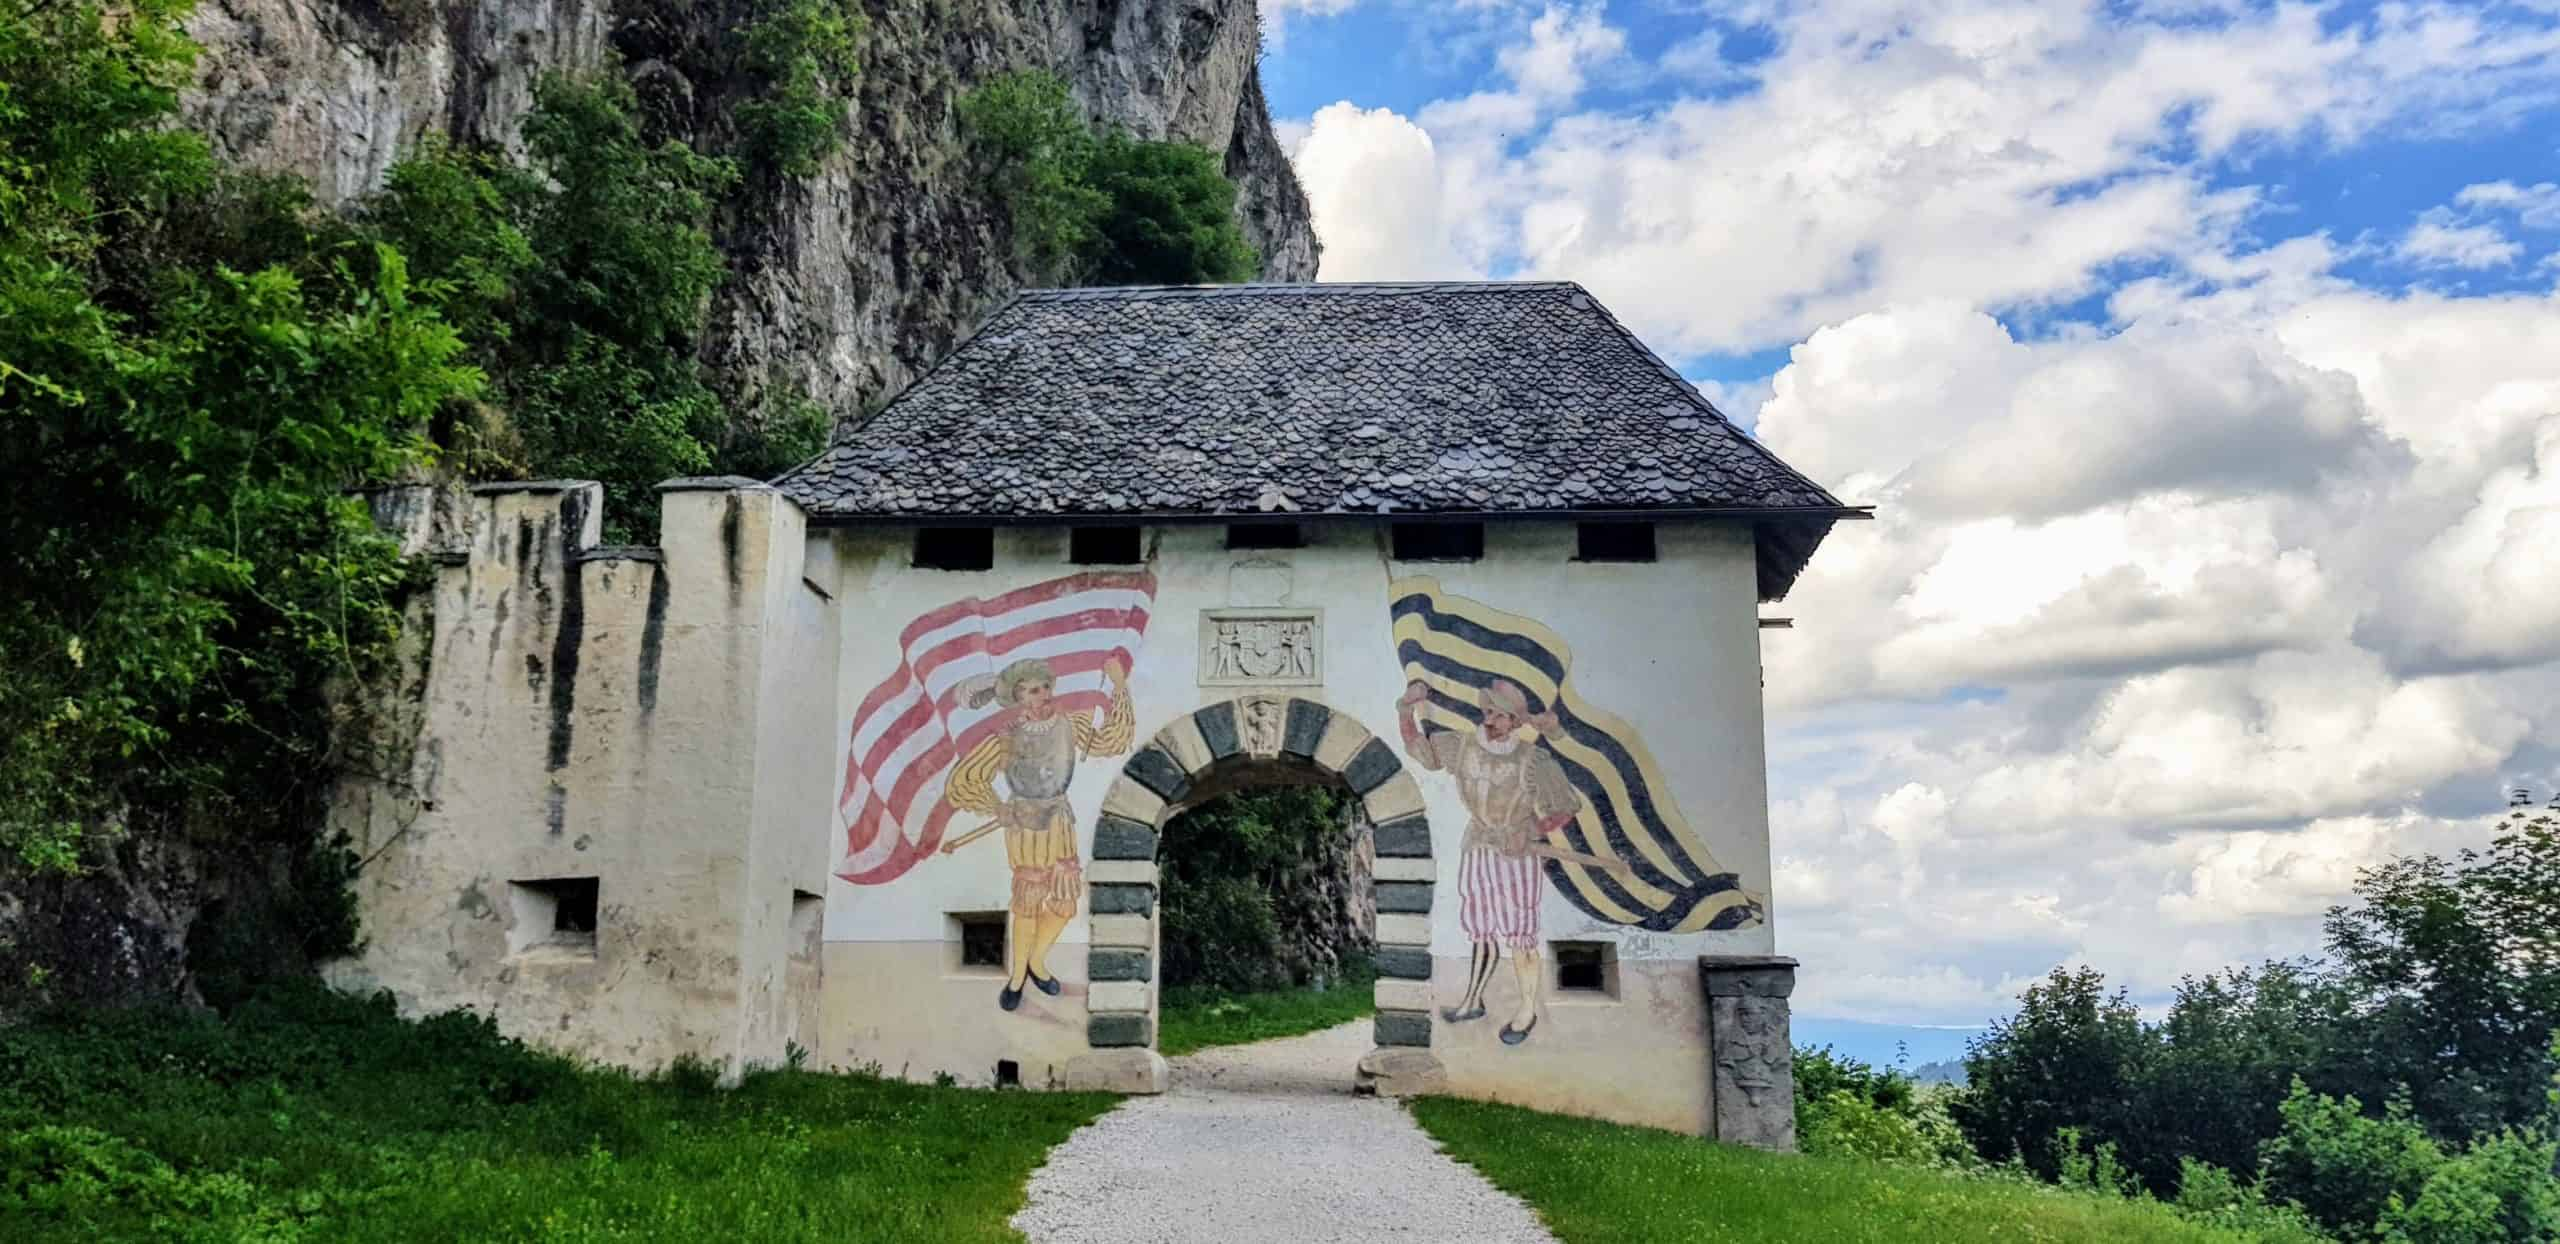 Familienausflüge in Kärnten - Burg Hochosterwitz. Eingang durch das Fähnrichtor - eines von 14 Toren auf die Burg